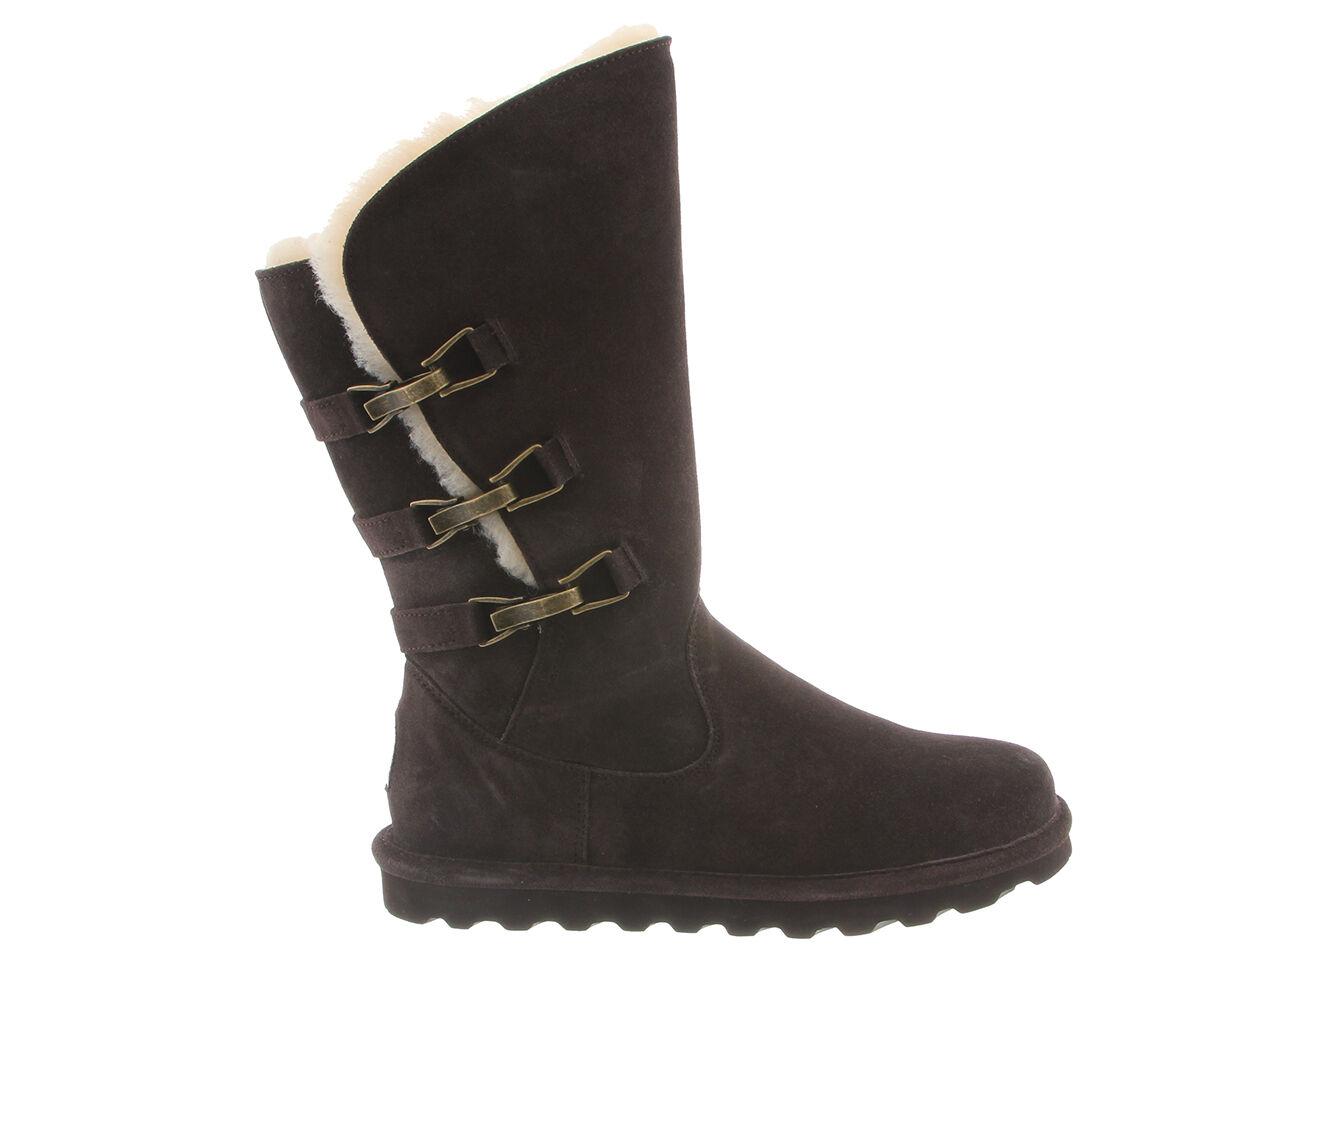 Women's Bearpaw Jenna Boots Chocolate